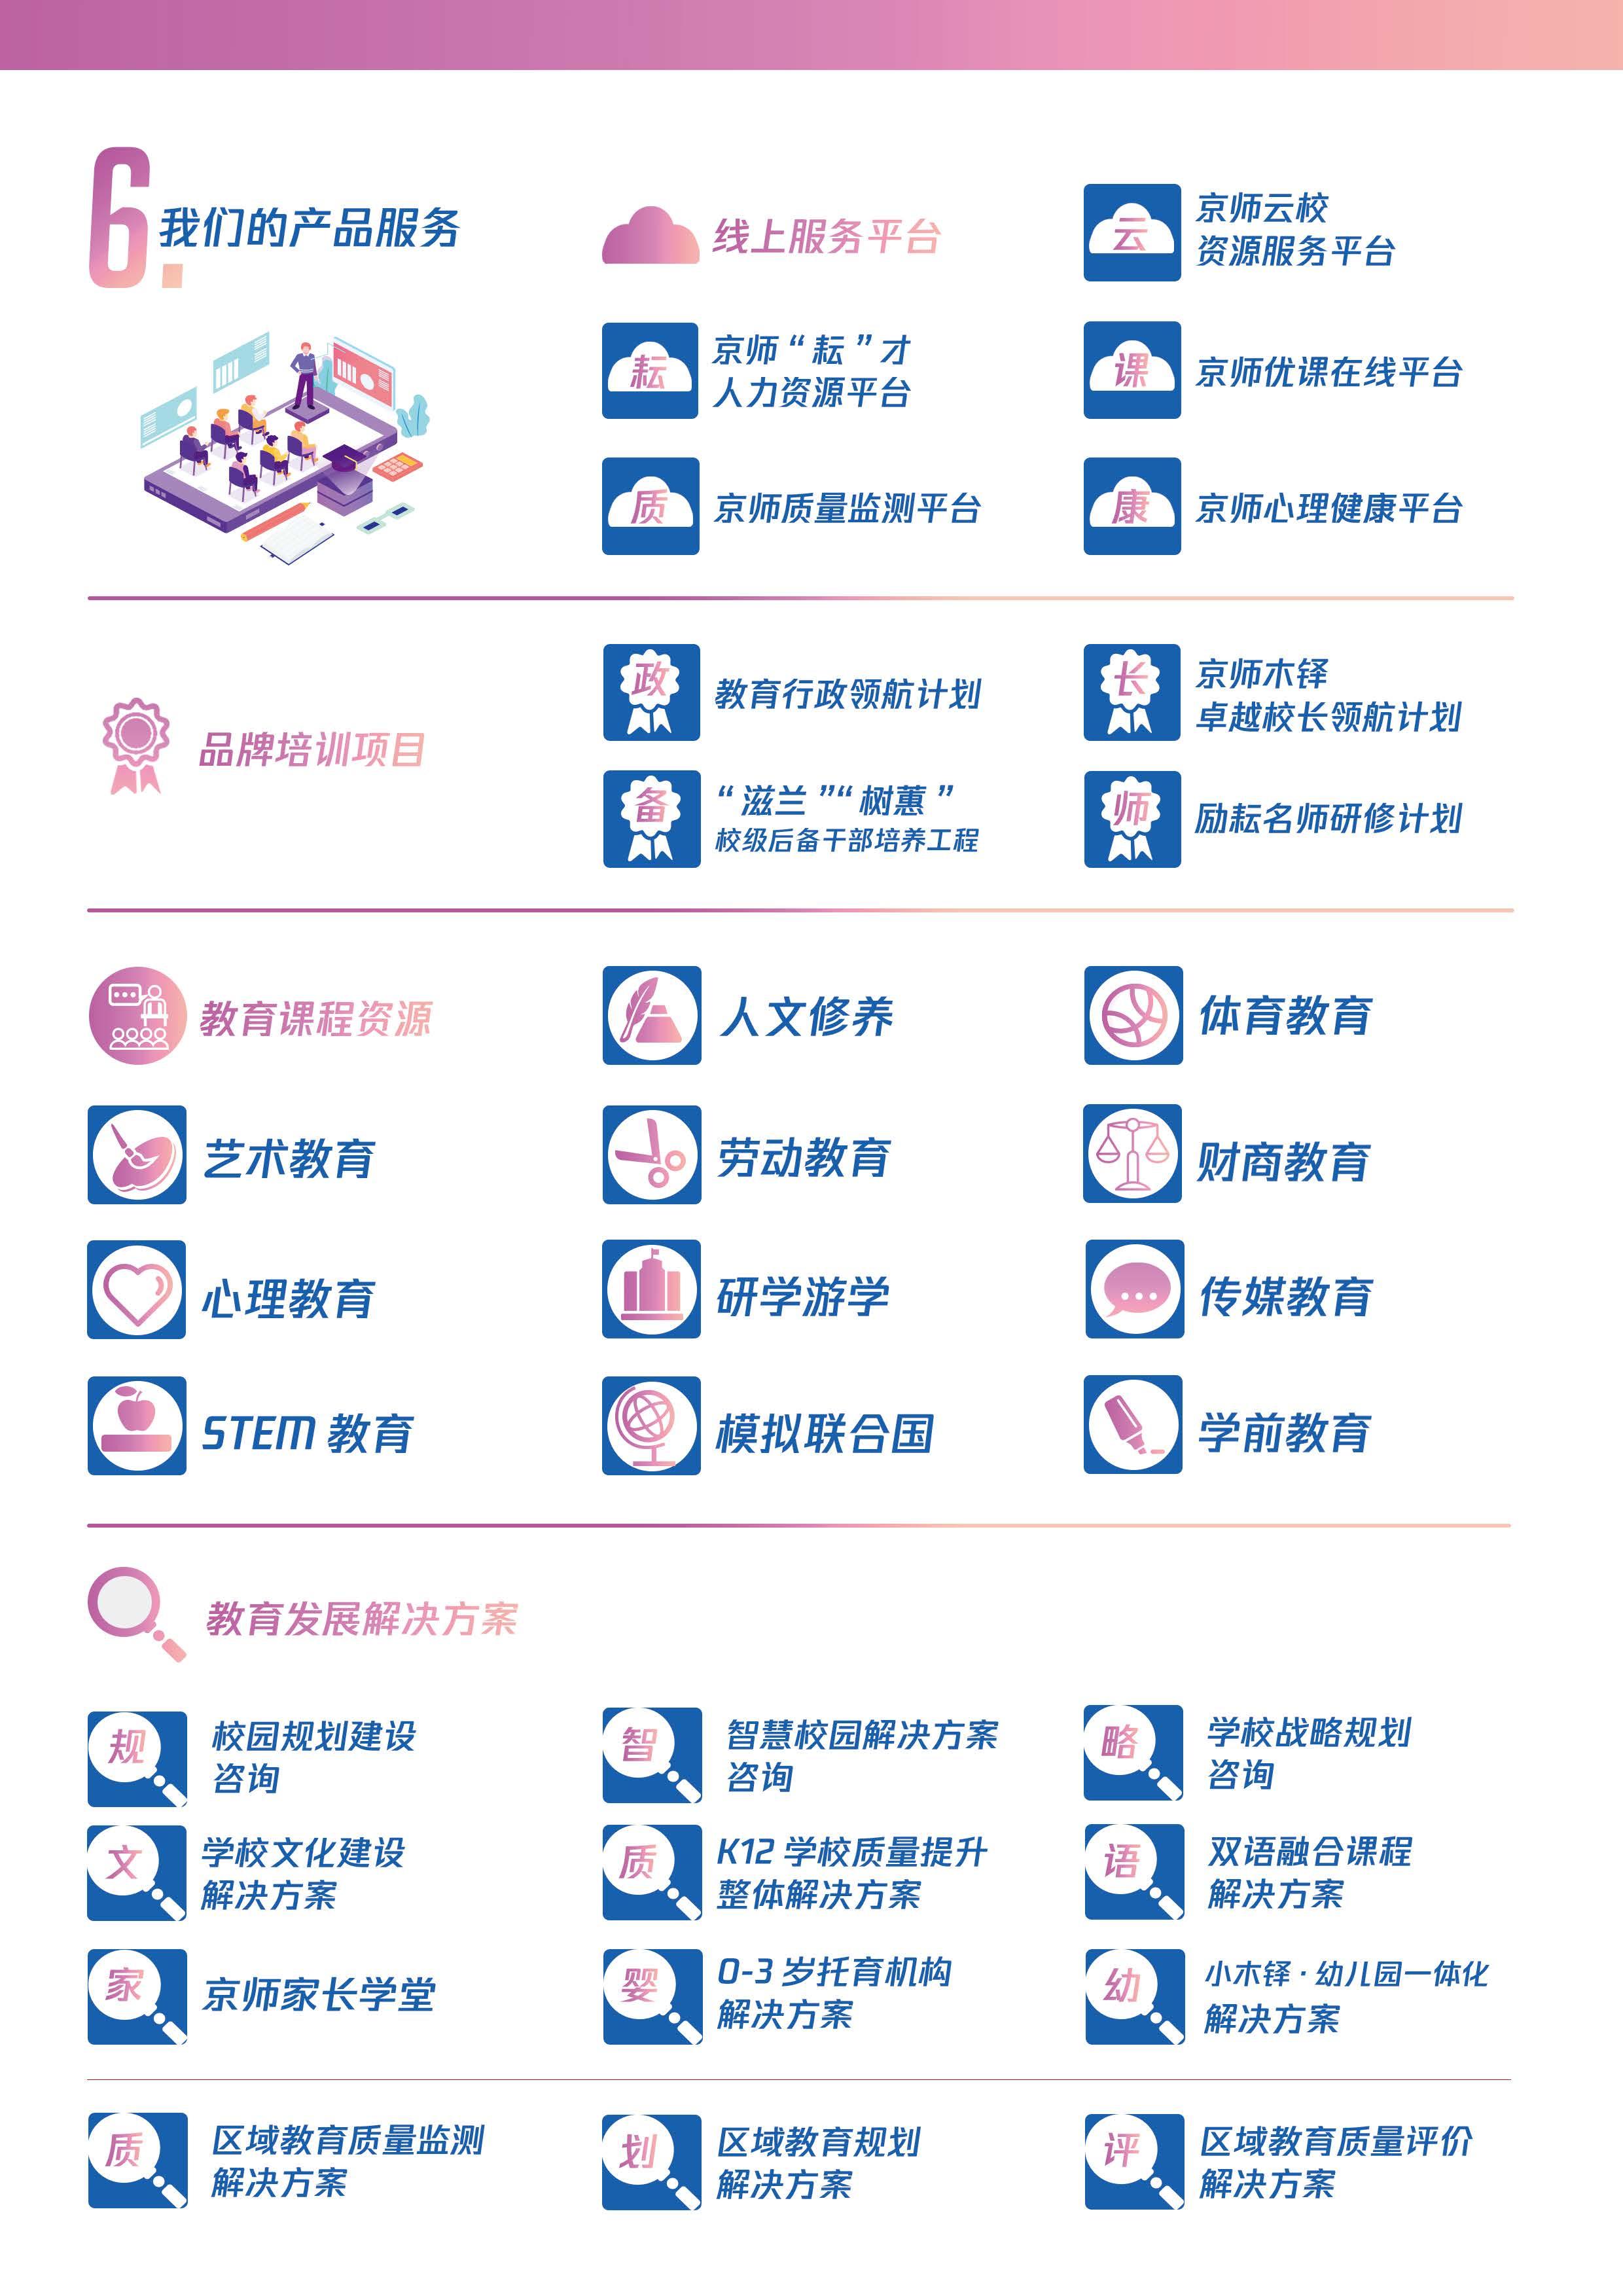 【定稿】北師大教育集團宣傳頁2019.11_頁面_2-1